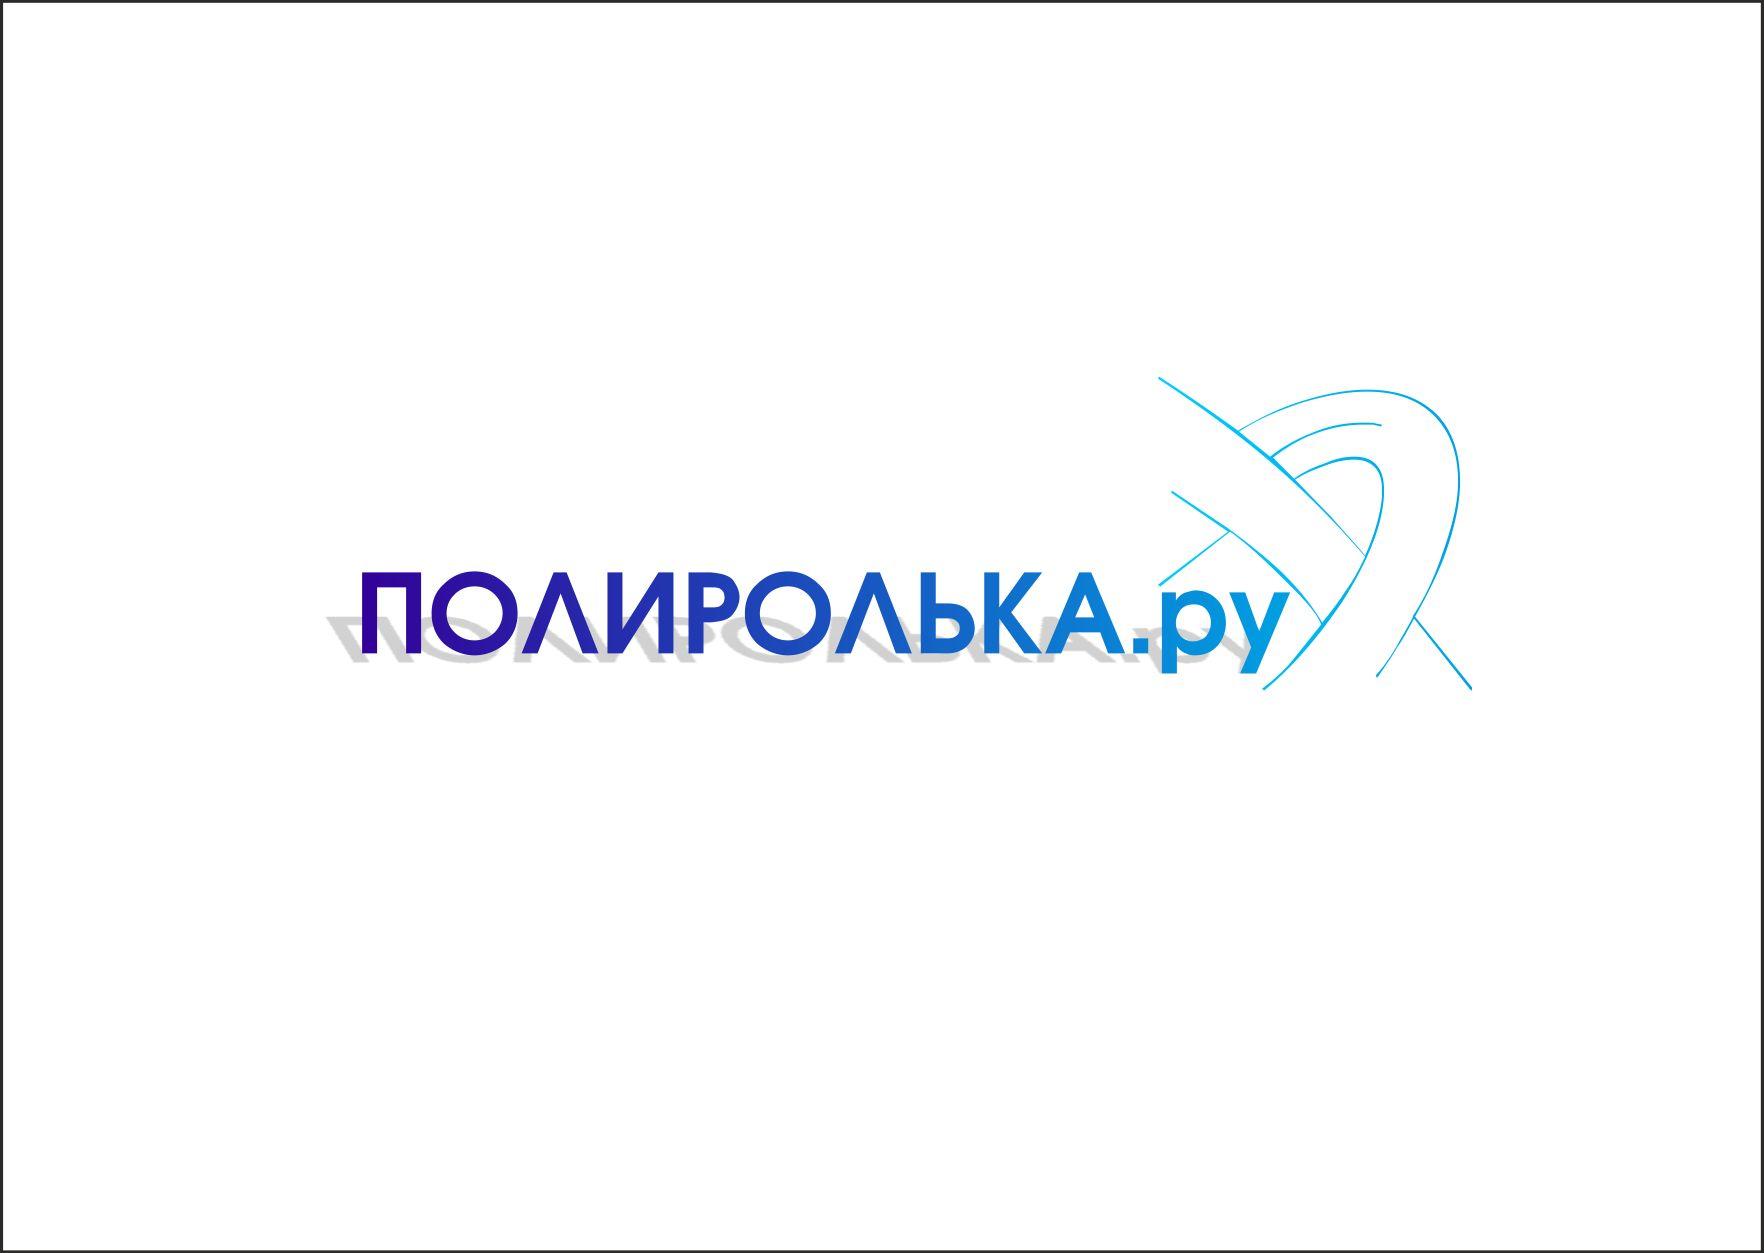 Логотип для интернет-магазина Полиролька.ру - дизайнер studiavismut